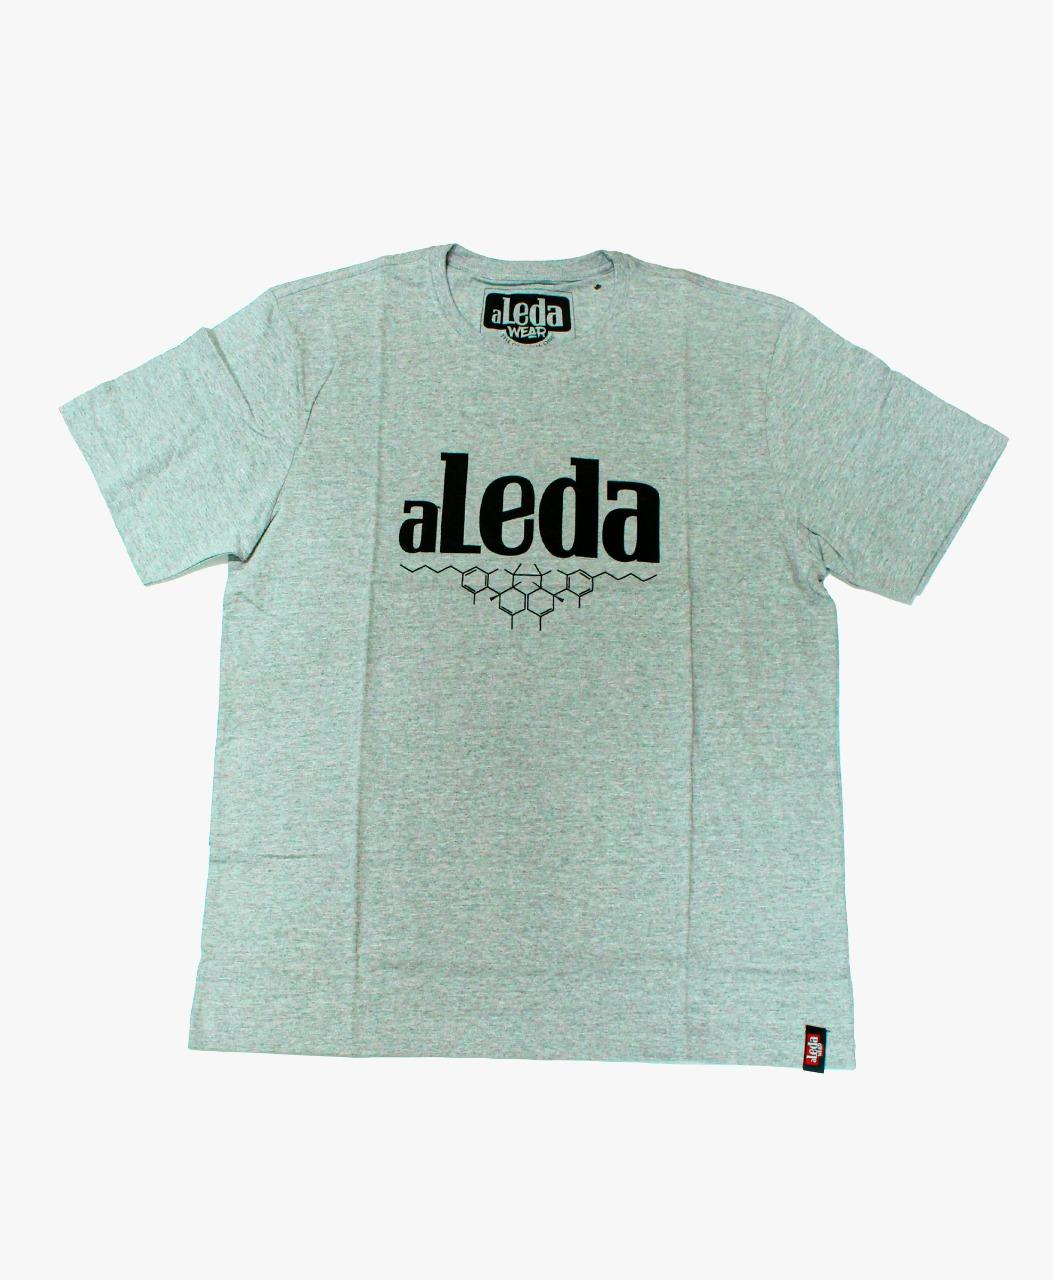 Camiseta Fórmula THC Aleda - Cinza, Tam.P